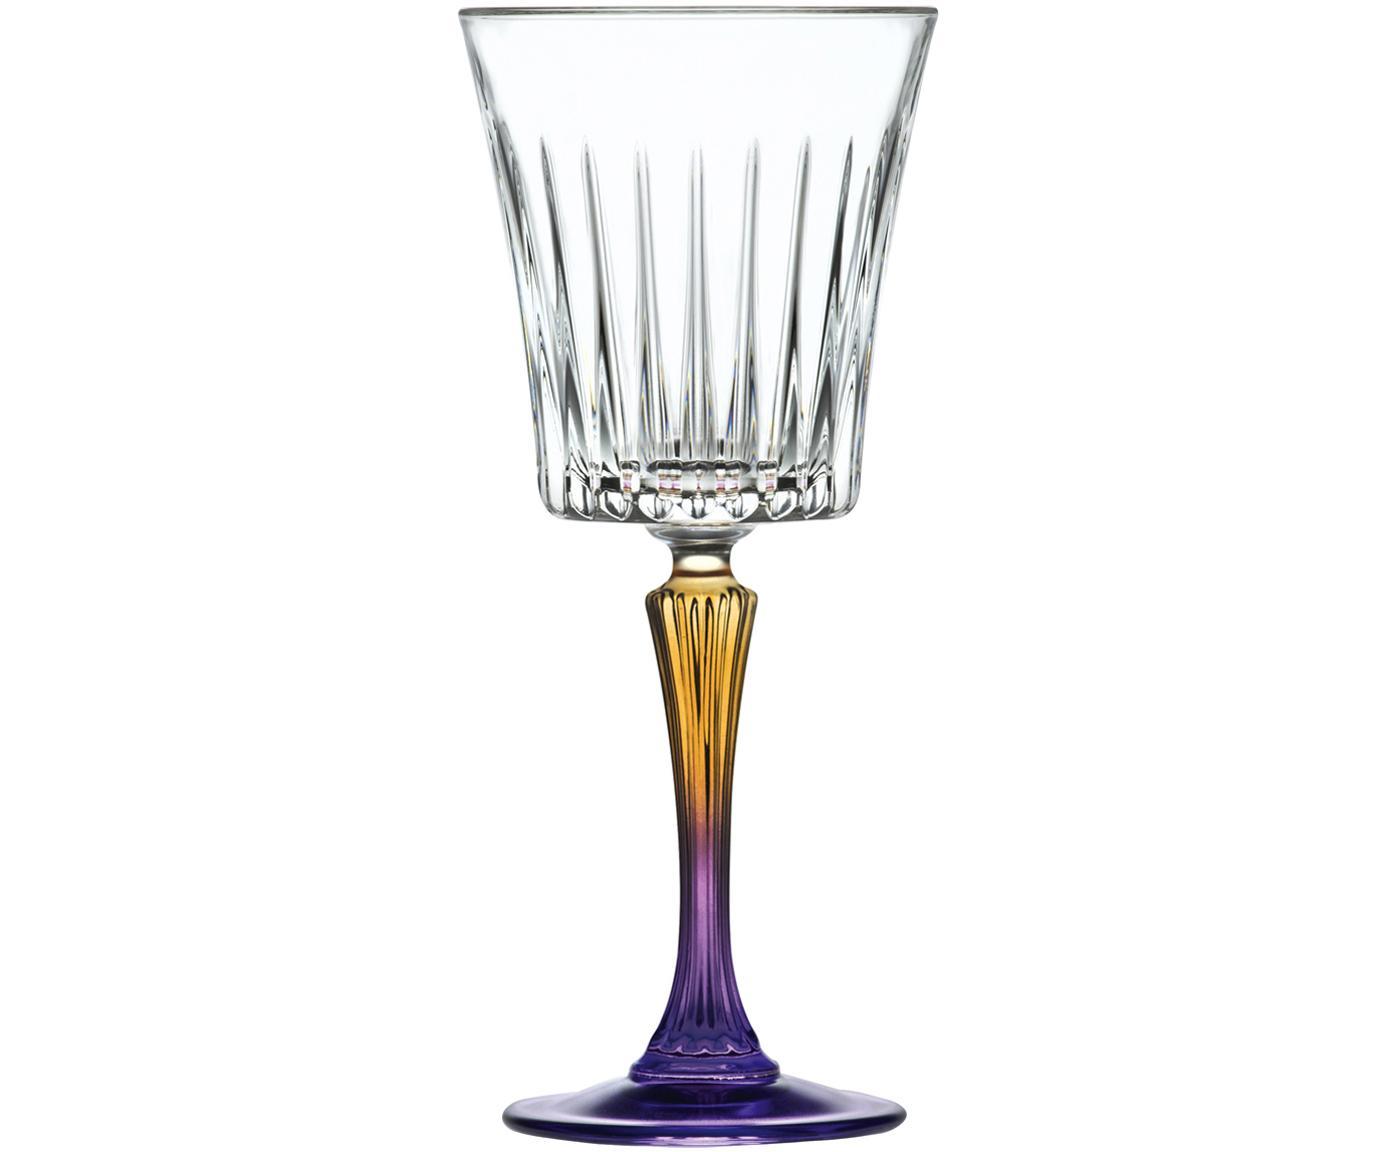 Kieliszek do wina białego z kryształu Gipsy, 6 szt., Szkło kryształowe, Transparentny, żółty, purpurowy, Ø 9 x 21 cm